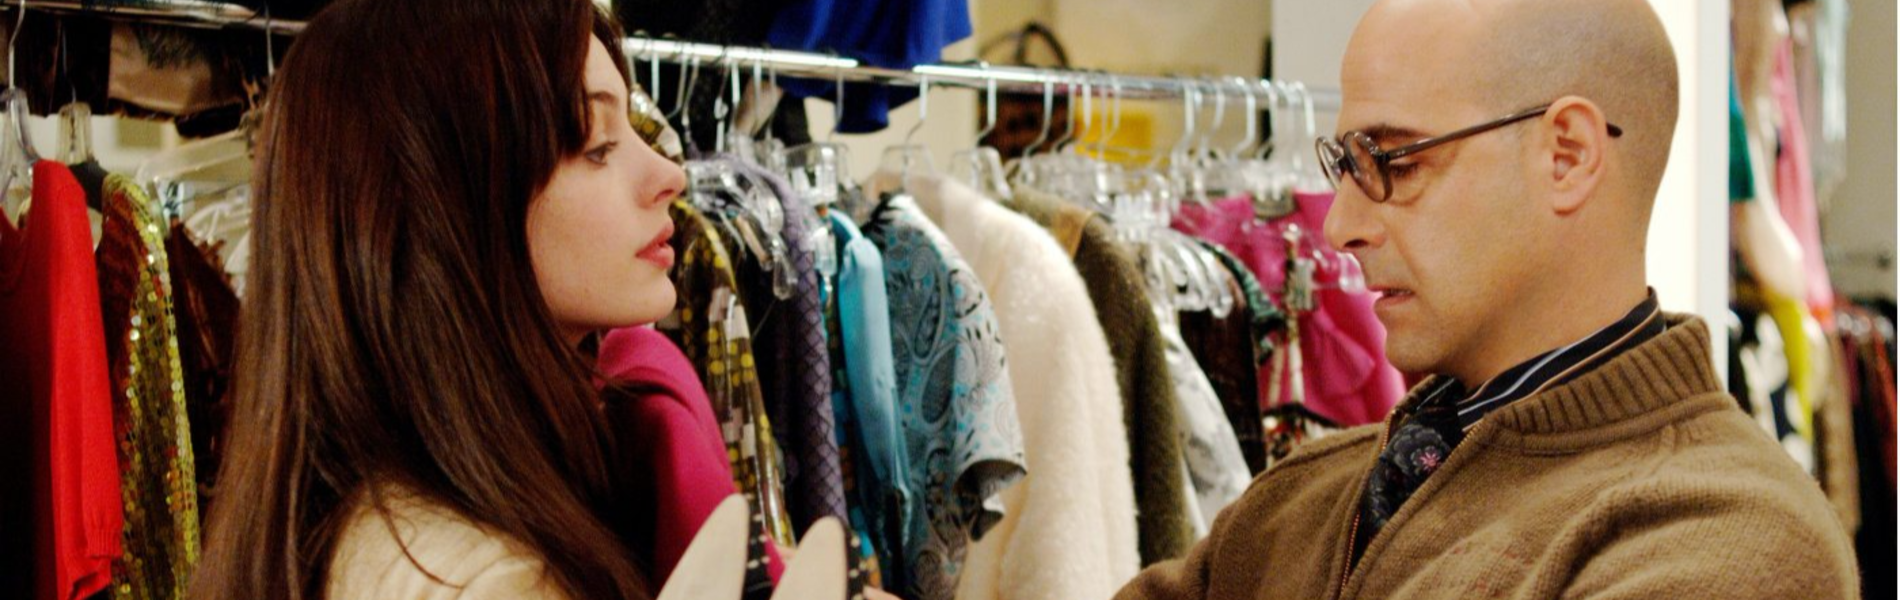 קריזות, אלימות והרעבה על הסט: סיפורי האימה המזעזעים של נשים בתעשיית האופנה